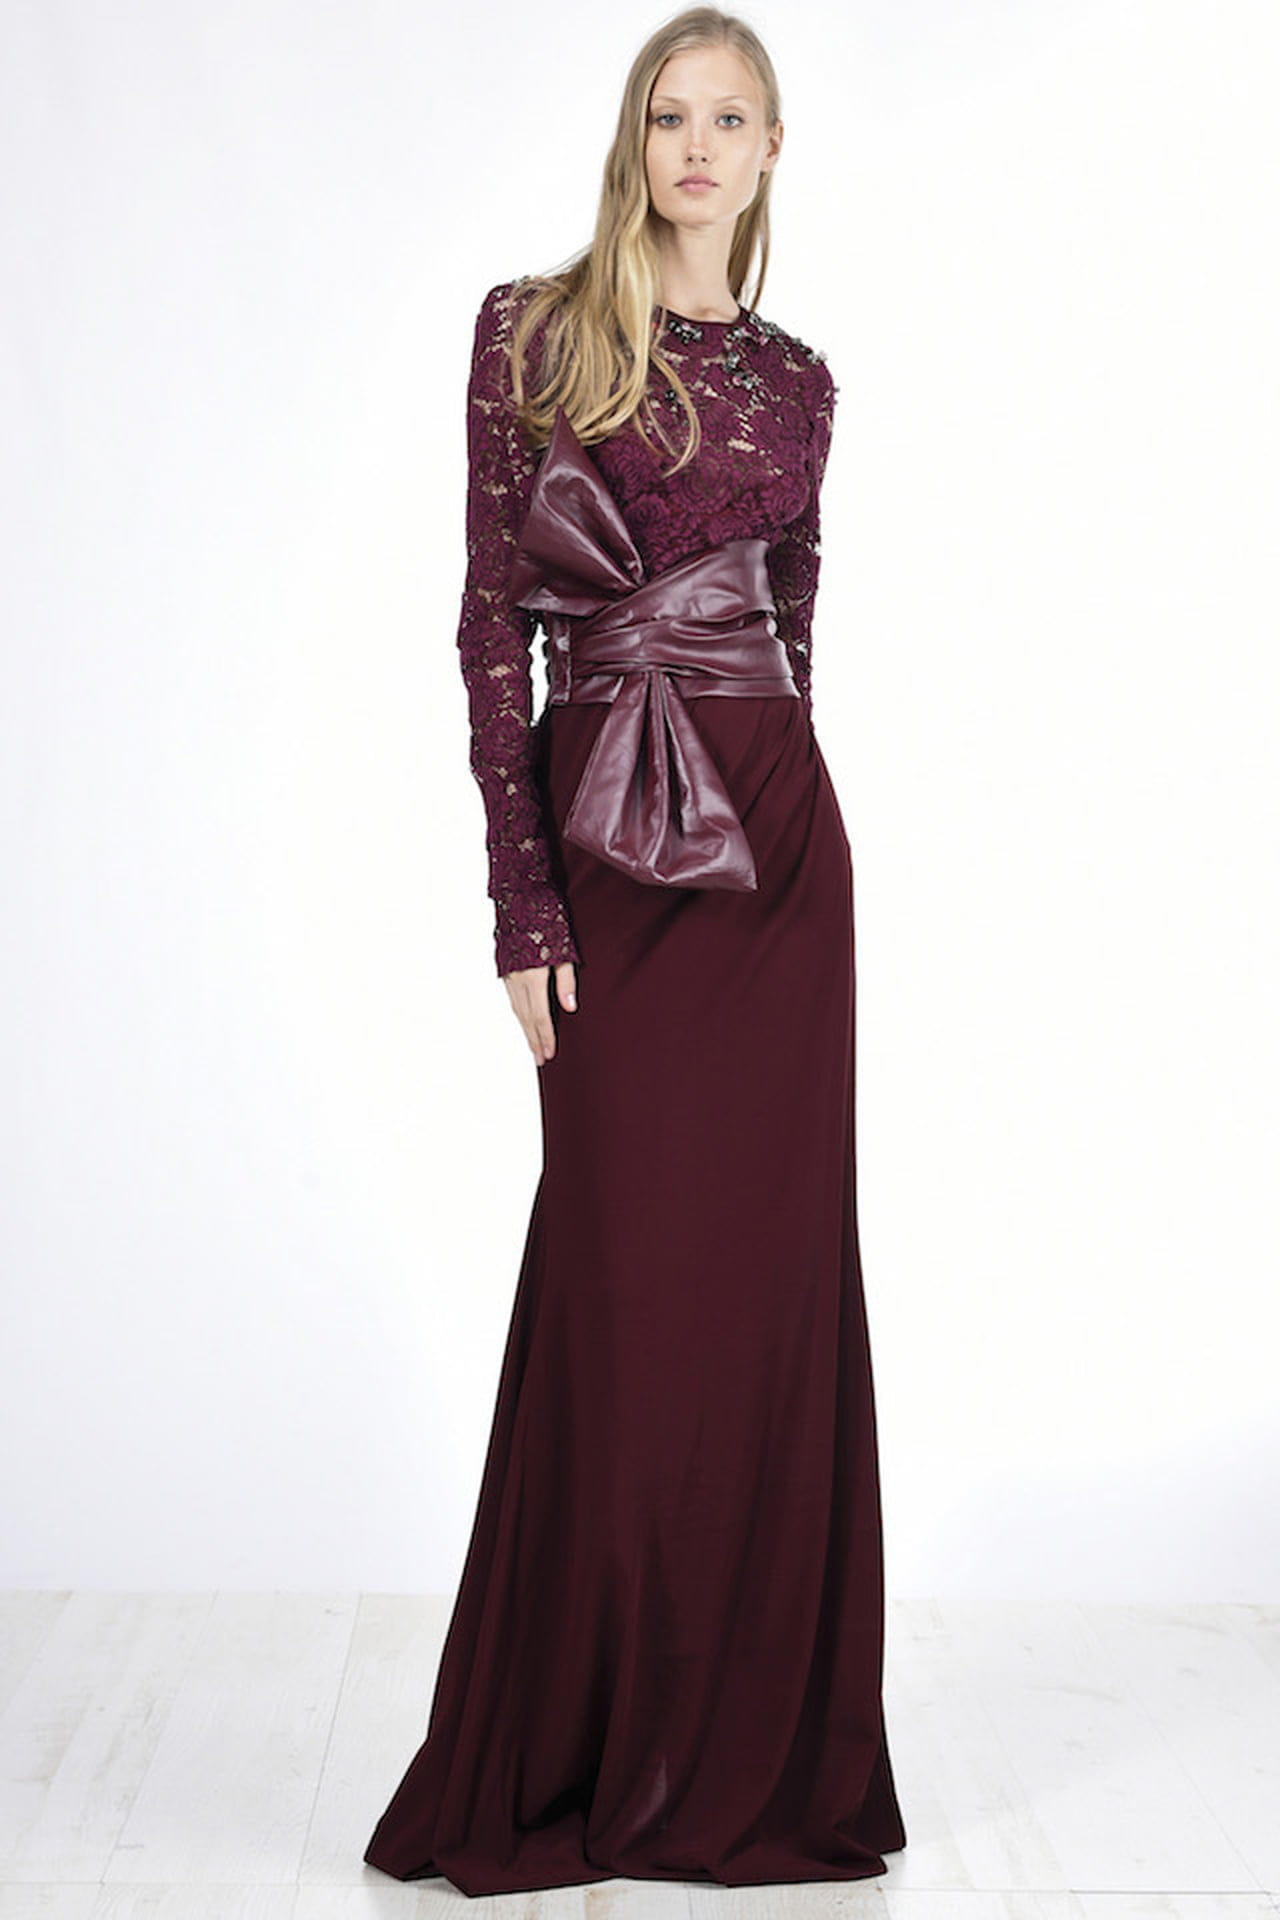 132a0cfa02dc Elegantissimo il long dress in pizzo e georgette disegnato da Pinko per le  cerimonie dell Autunno. © Pinko